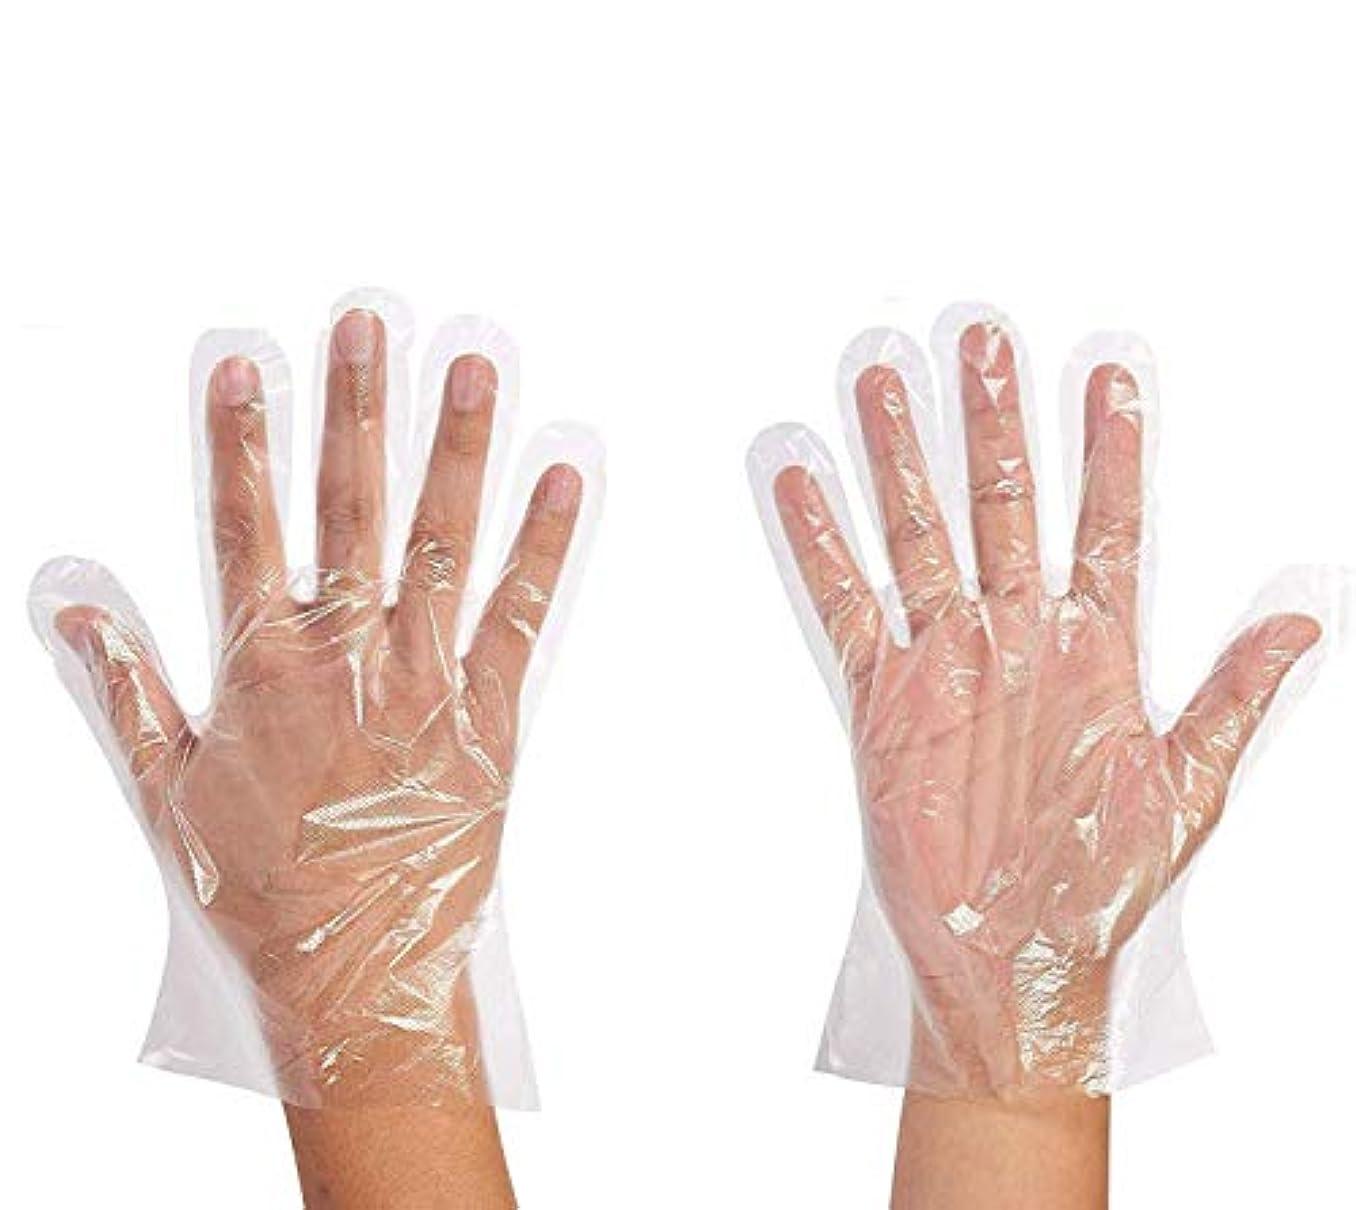 記念品閲覧するキラウエア山使い捨て手袋 ポリエチレン 防水耐久性が強い上に軽く高品質 極薄 透明 500枚セット